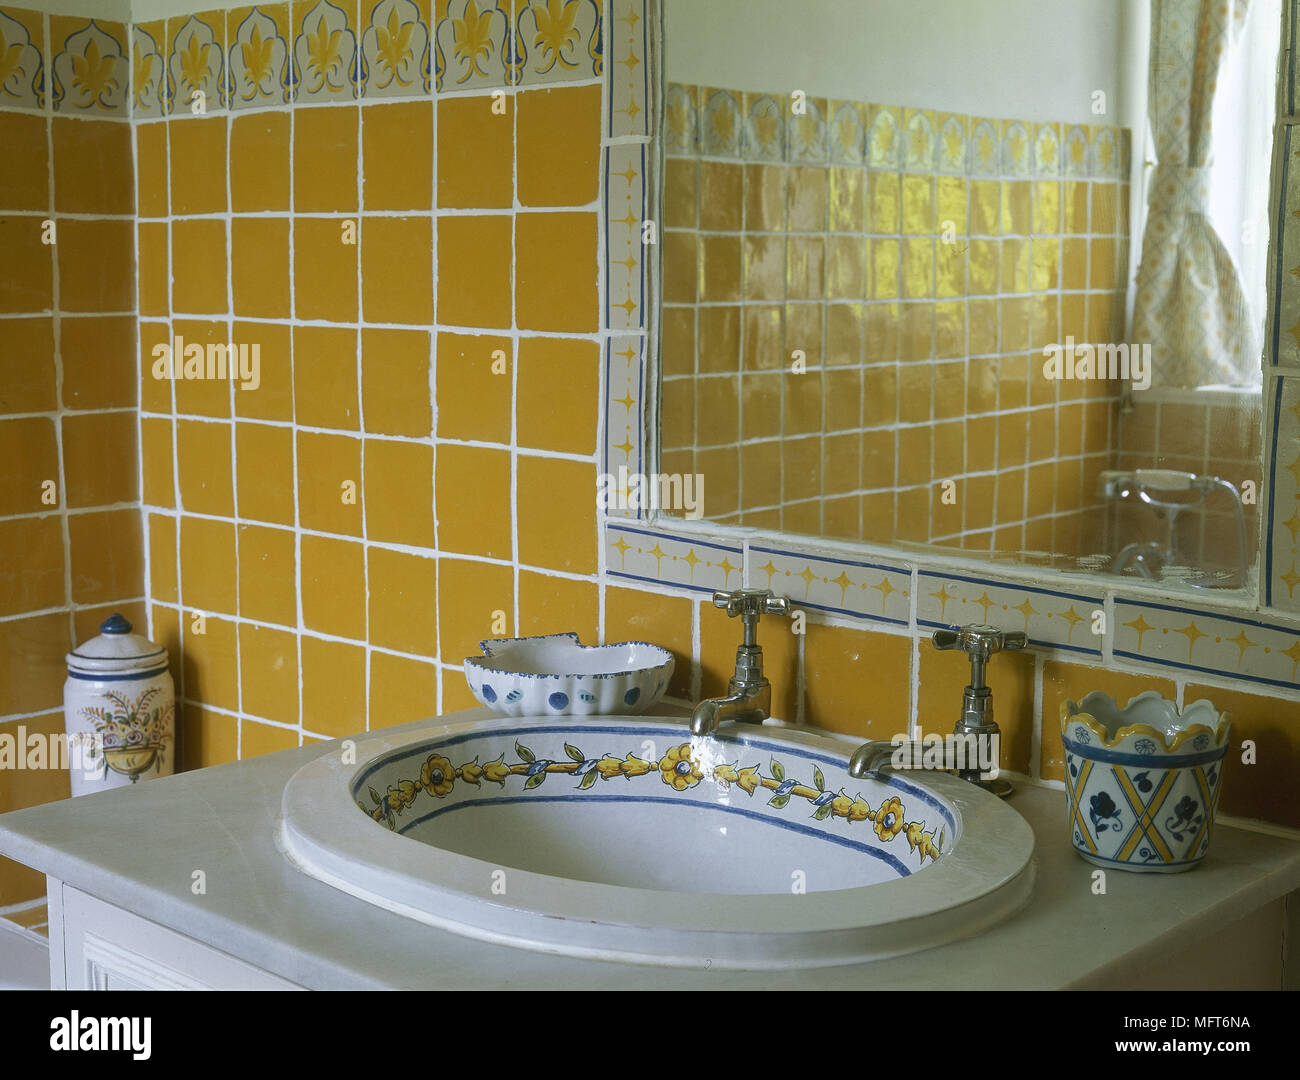 Bagno giallo awesome bagno giallo with bagno giallo amazing